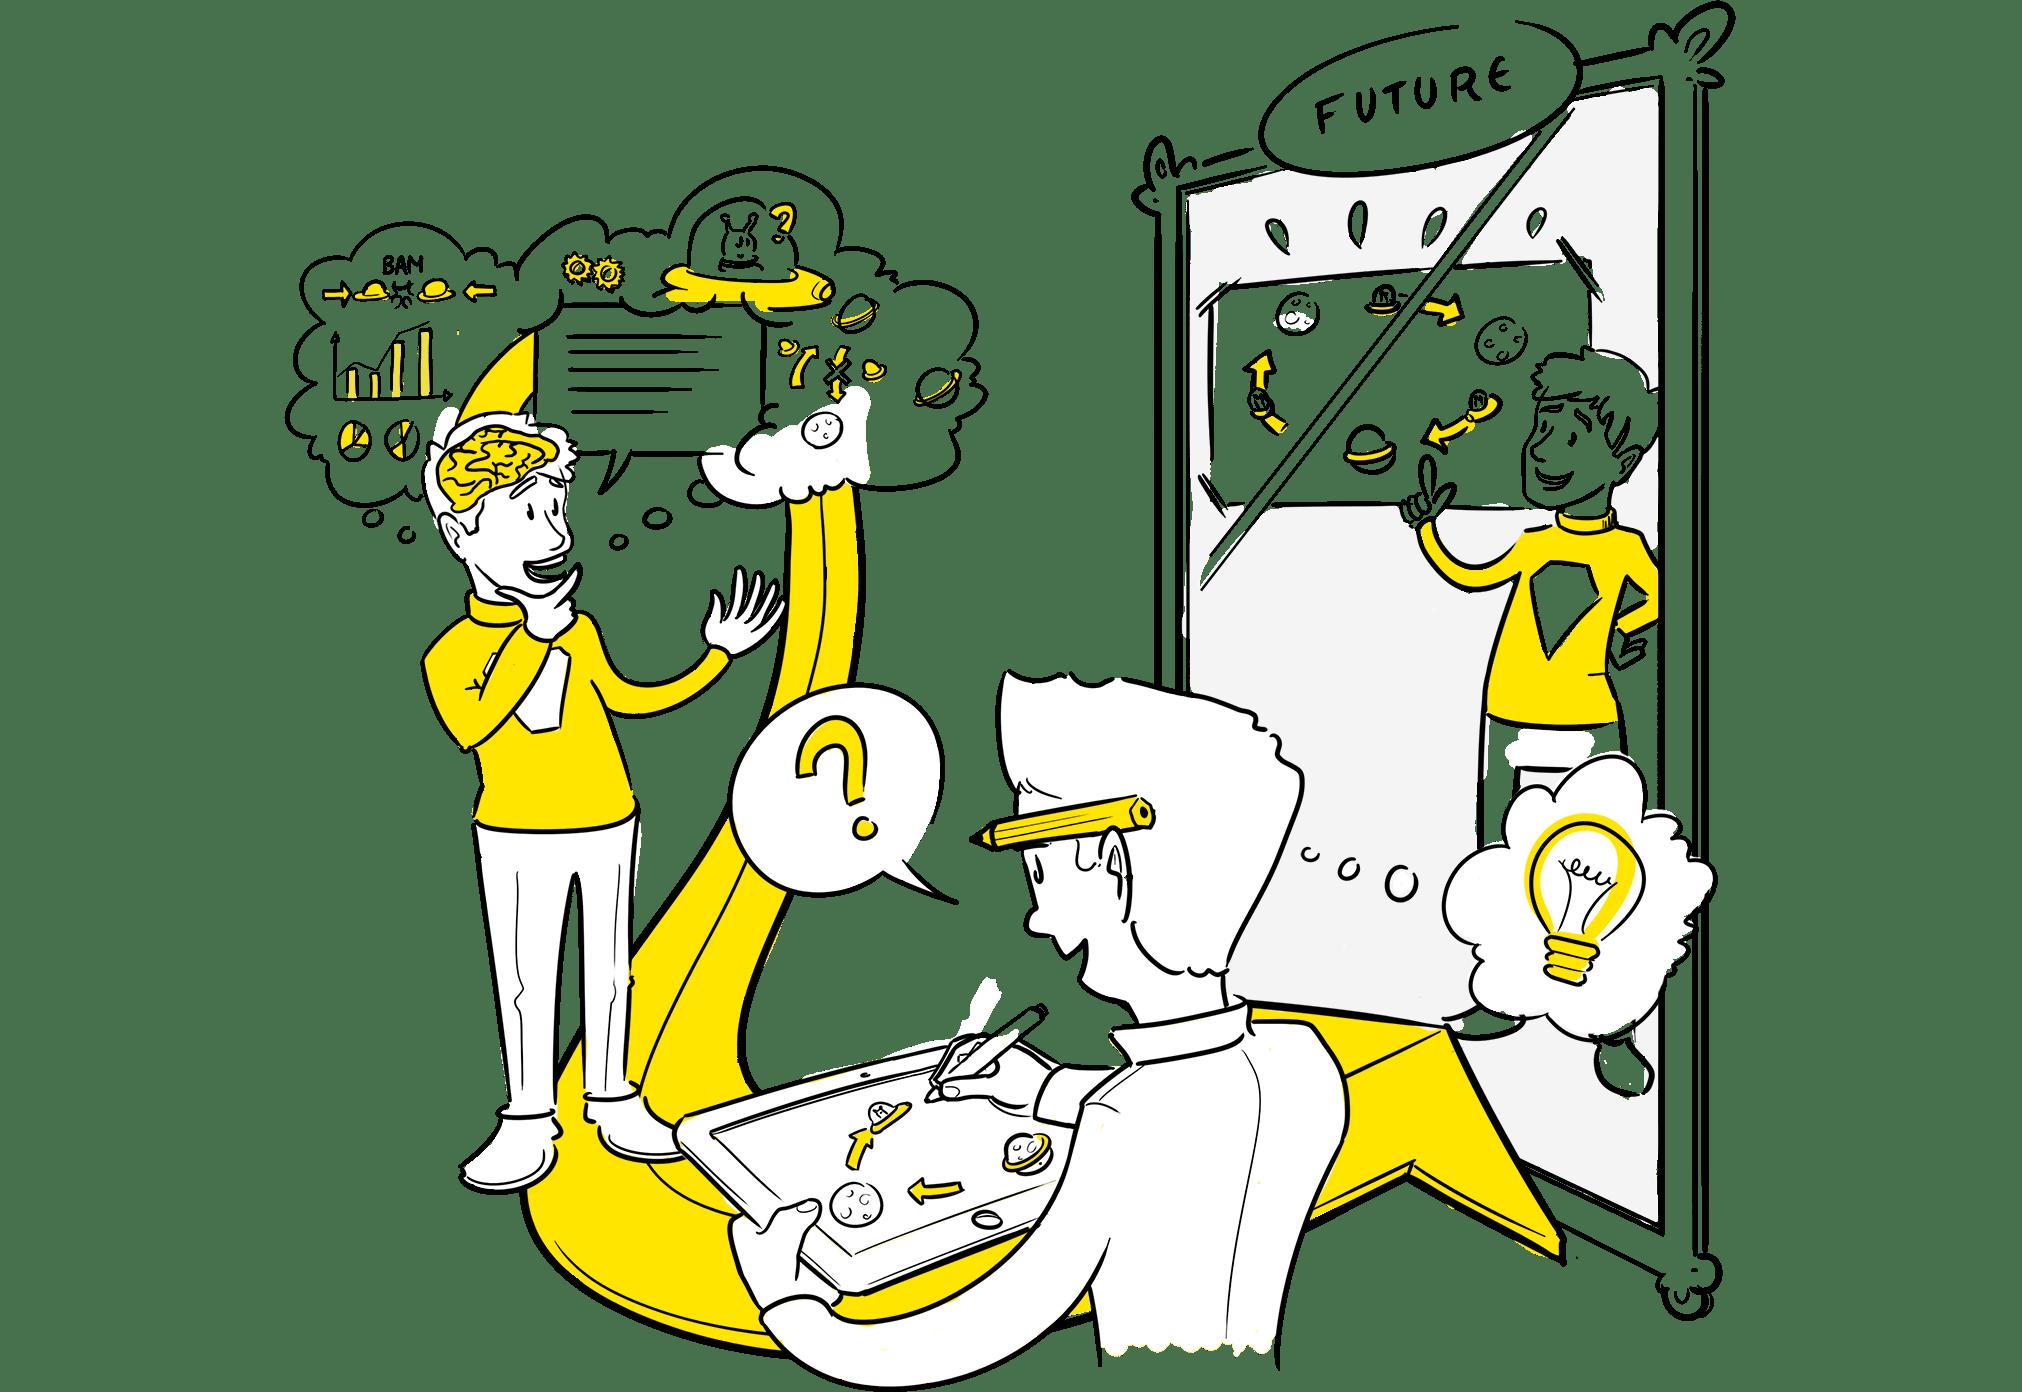 Portfolio praatplaat visuele verbinders voorbeelden van praatplaat animatie strategie ontwikkeling infographic sneltekenen. Wij maken visualisaties voor jouw strategie, visie, proces, product, dienst of idee!